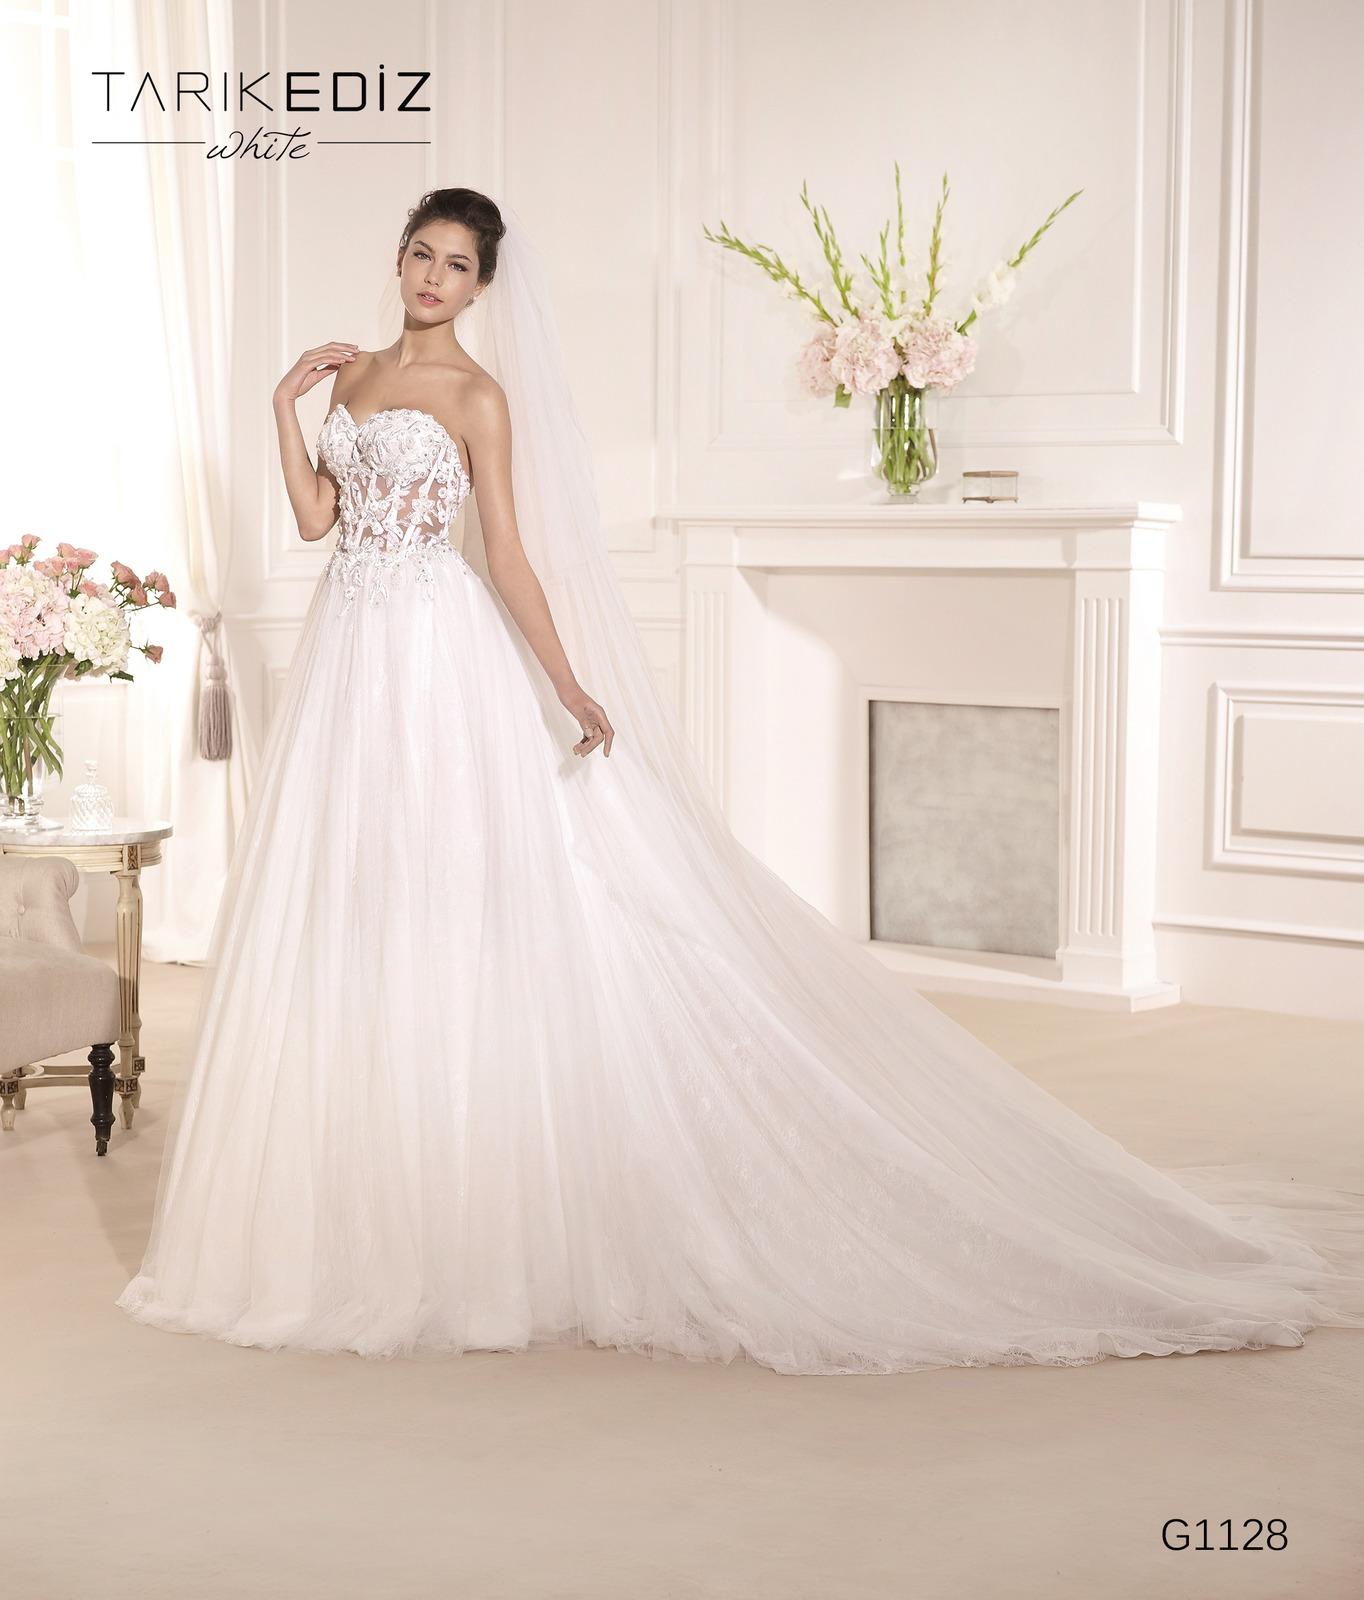 Tarik Ediz G1128 Wedding Gown | Pradux